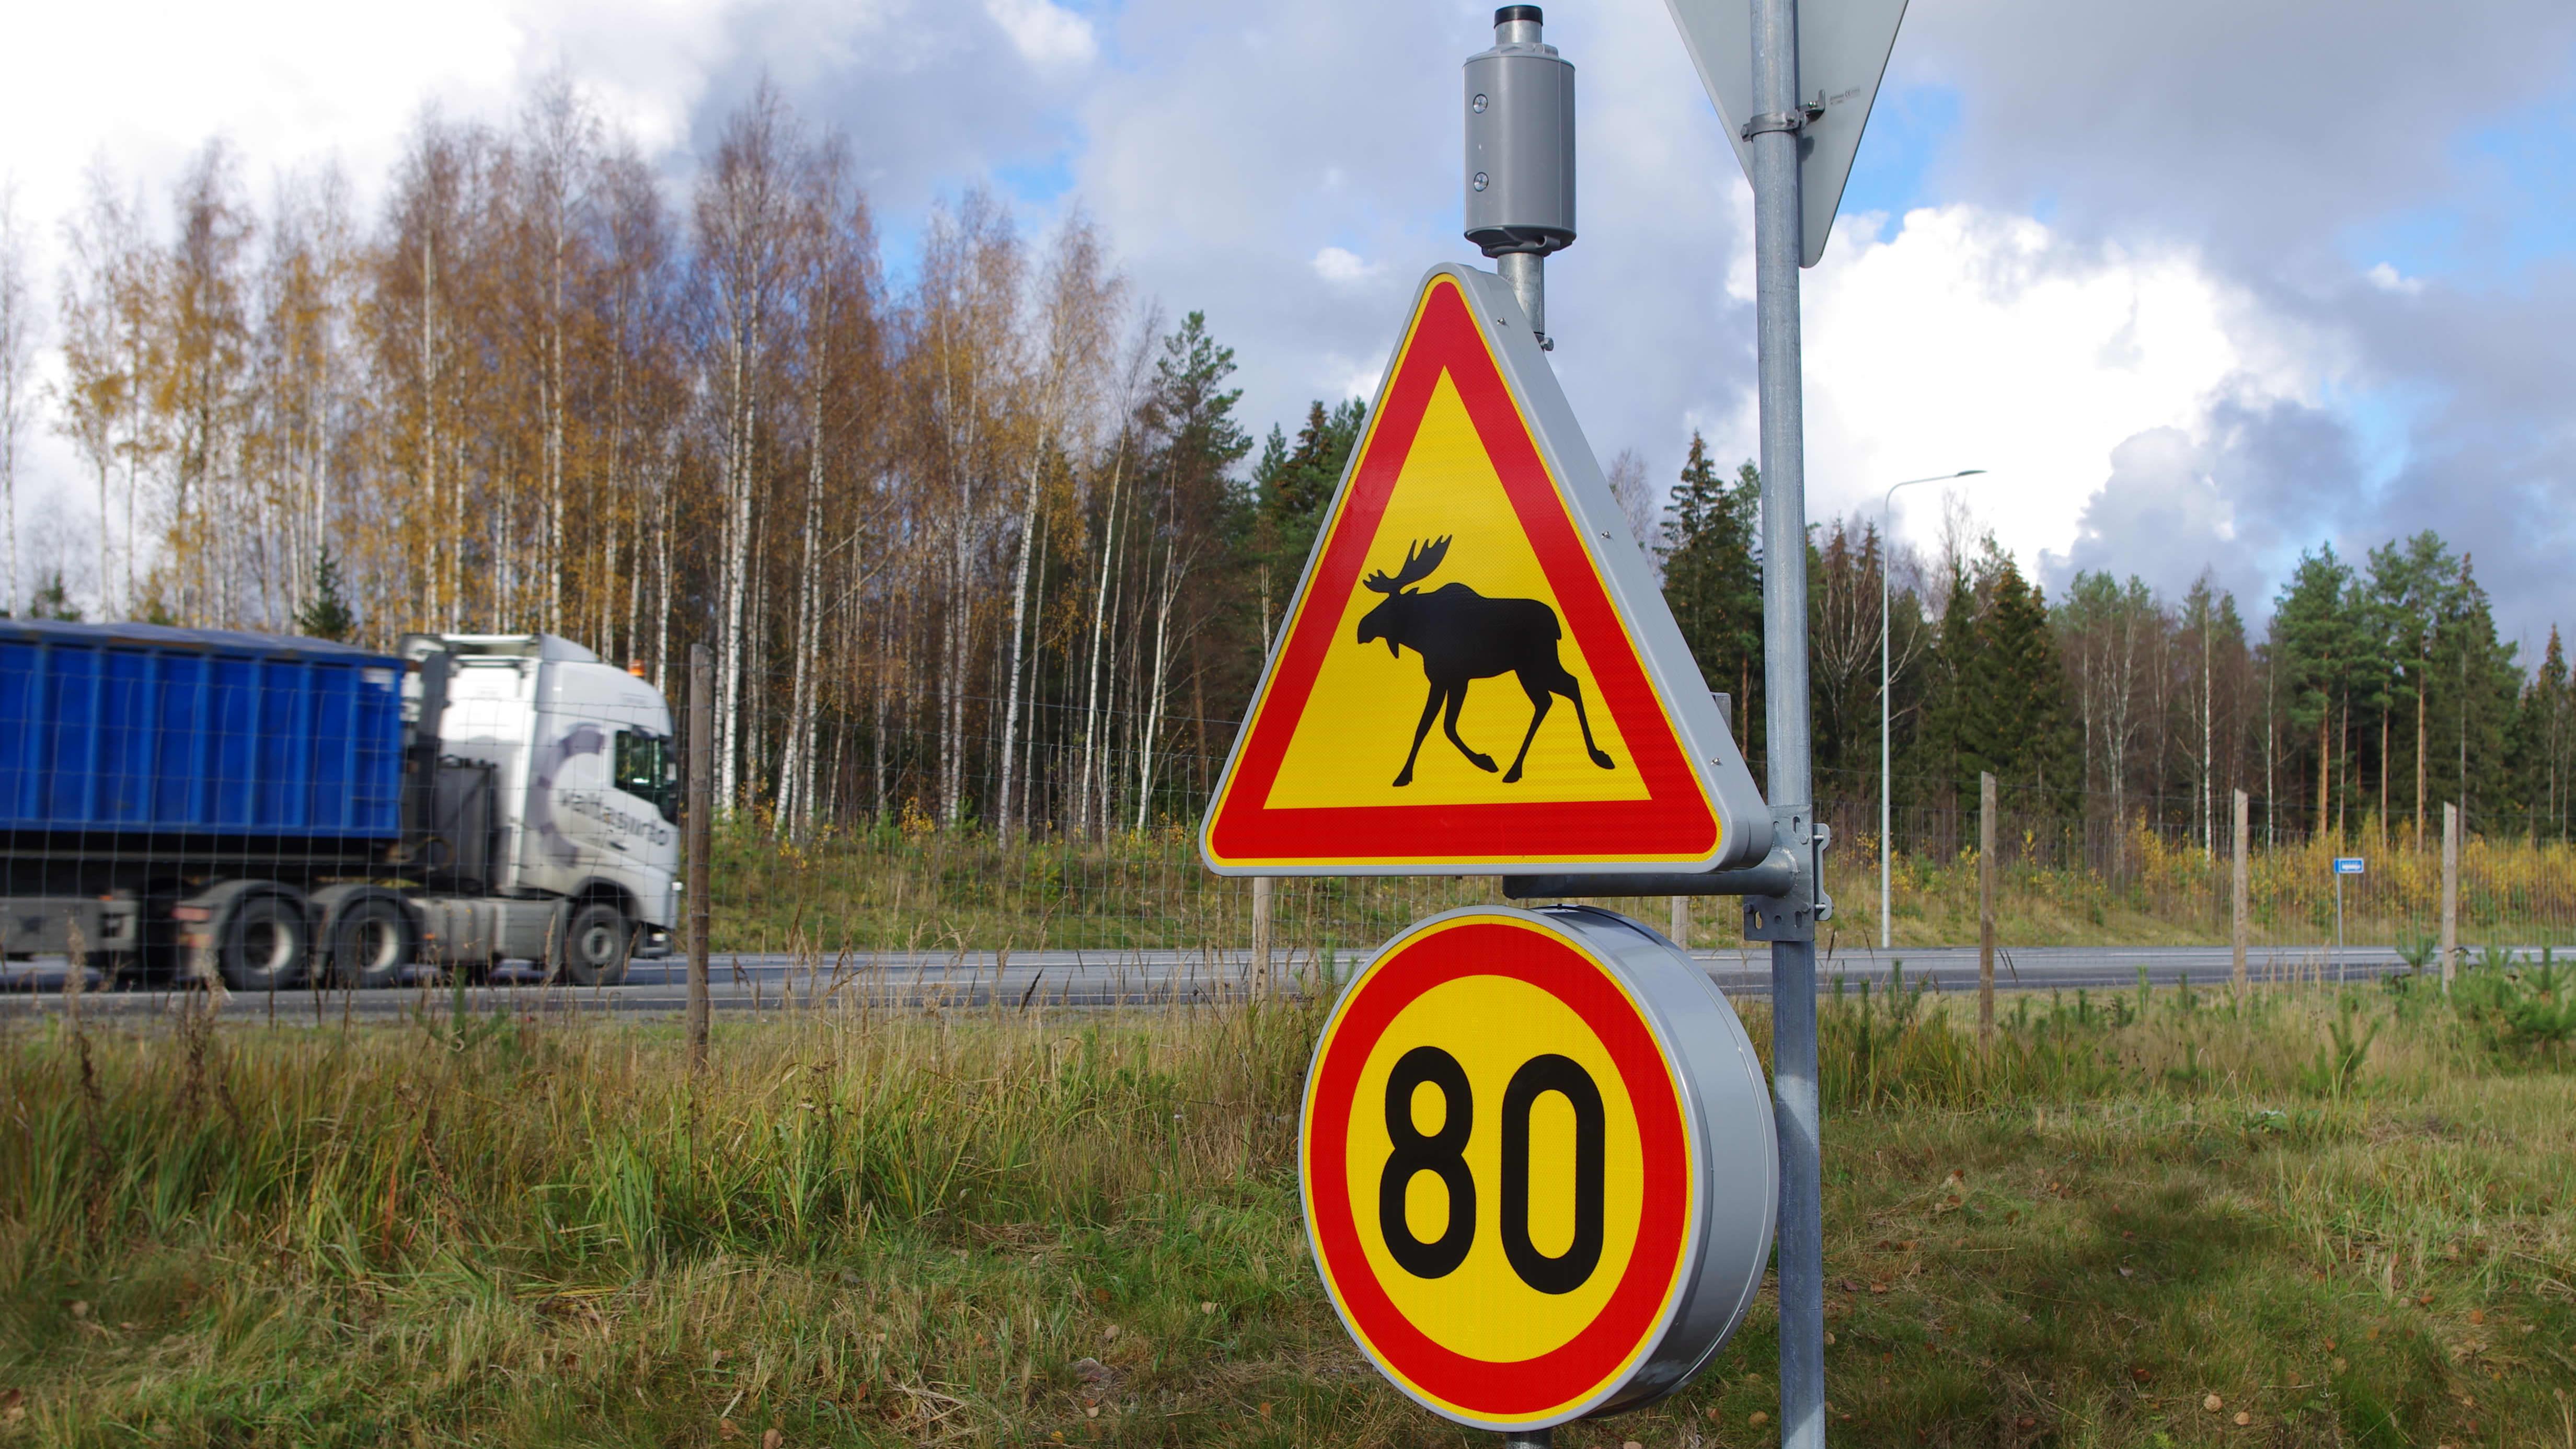 Hirvistä varoittava liikennemerkki